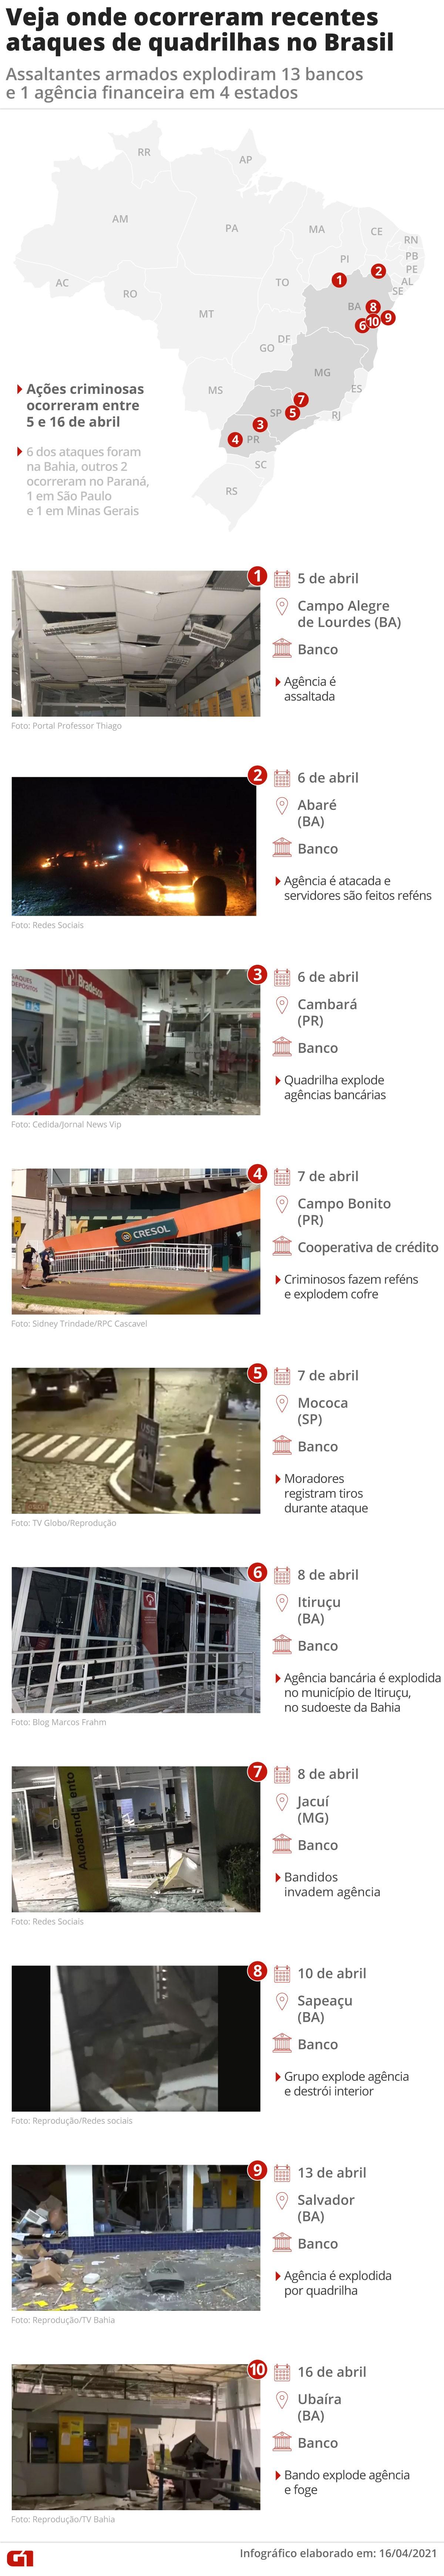 De onde vêm armas, munições e explosivos usados por quadrilhas do 'novo cangaço' em ataques recentes a bancos no Brasil?